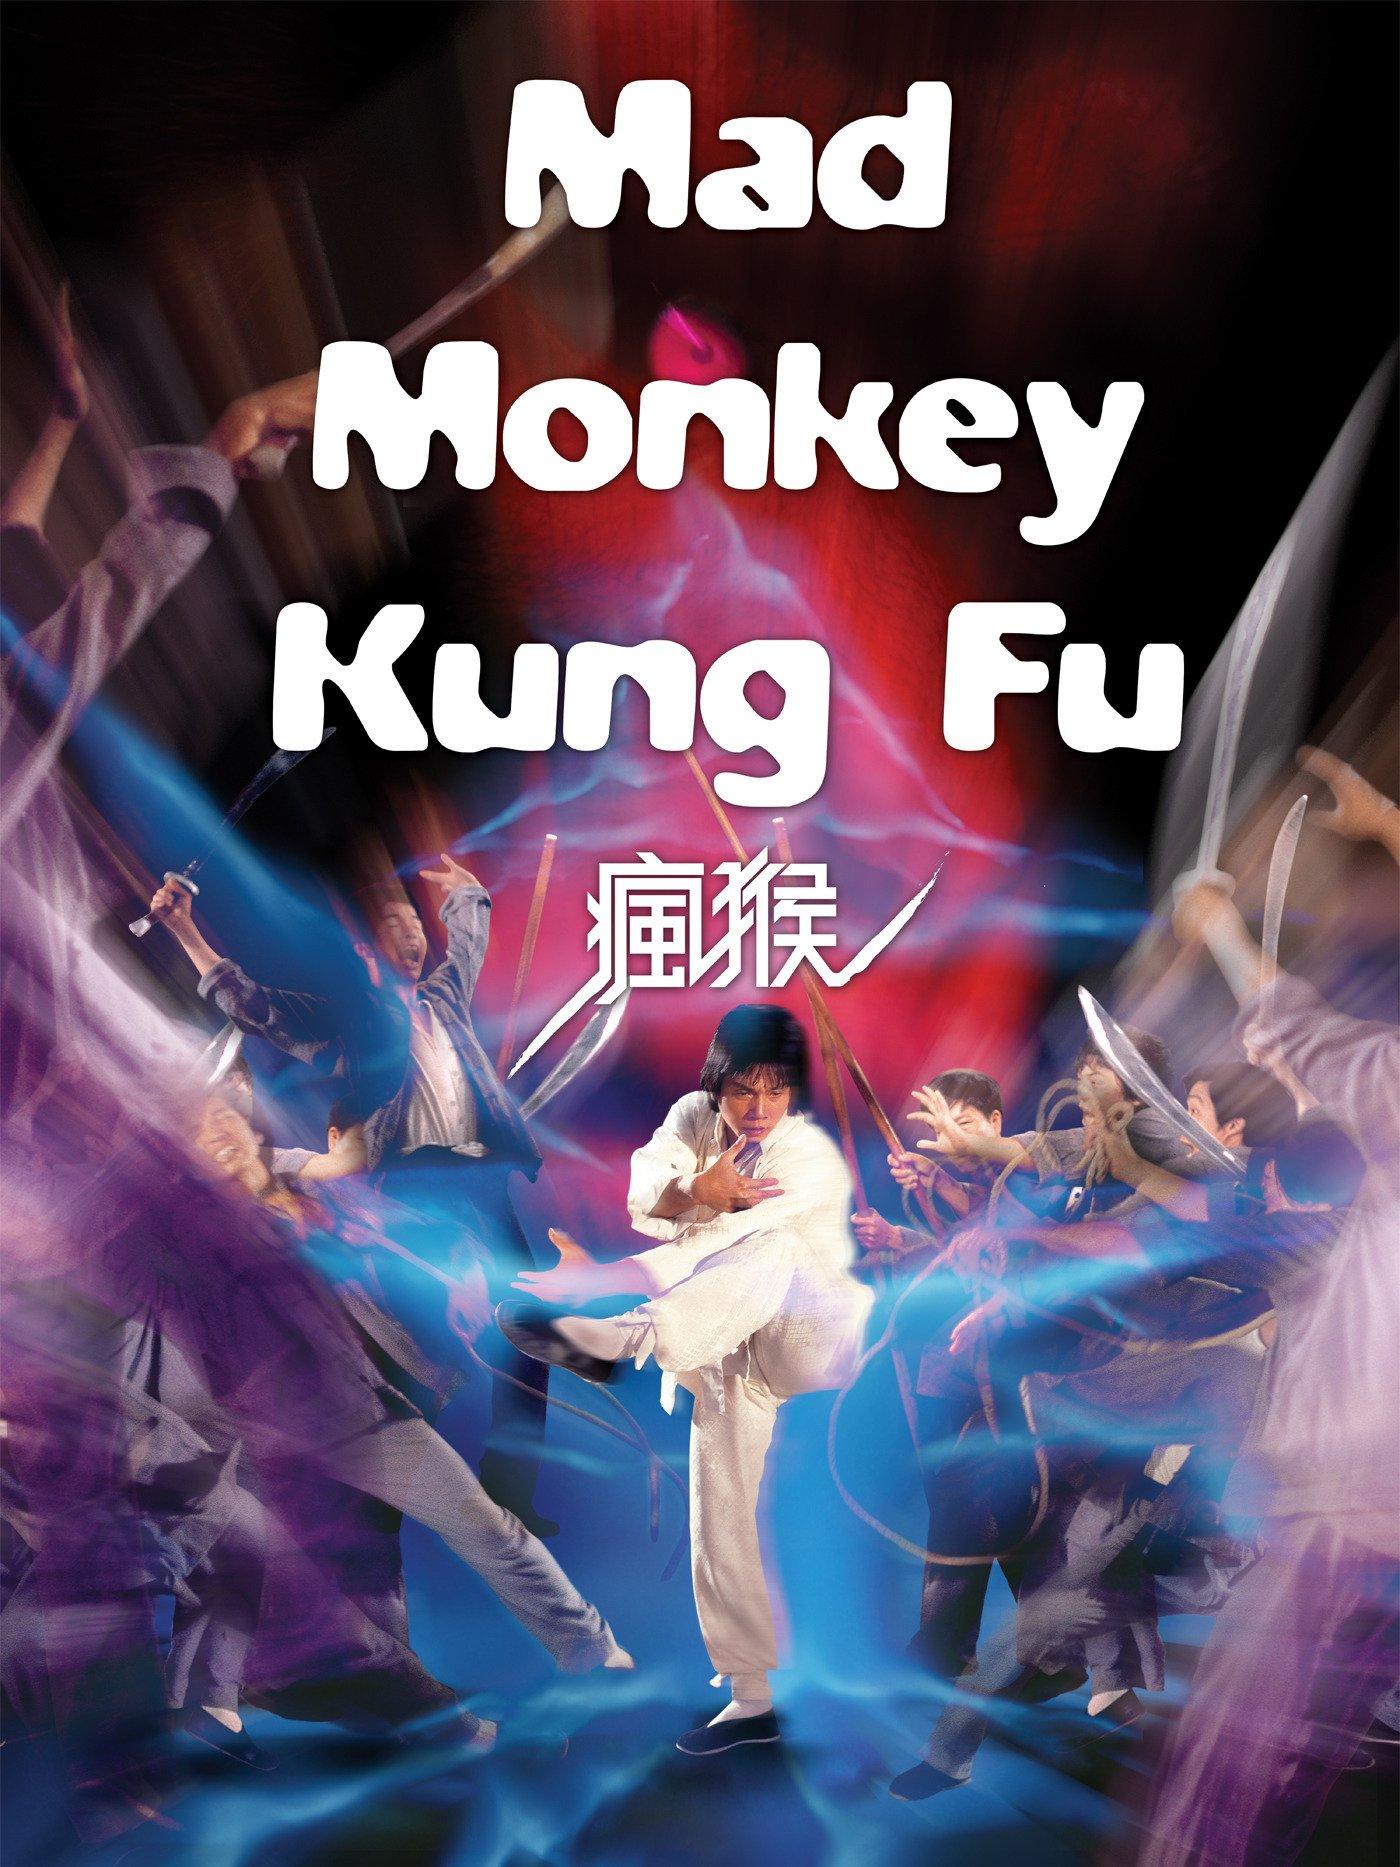 Mad Monkey Kung Fu (English Subtitled)